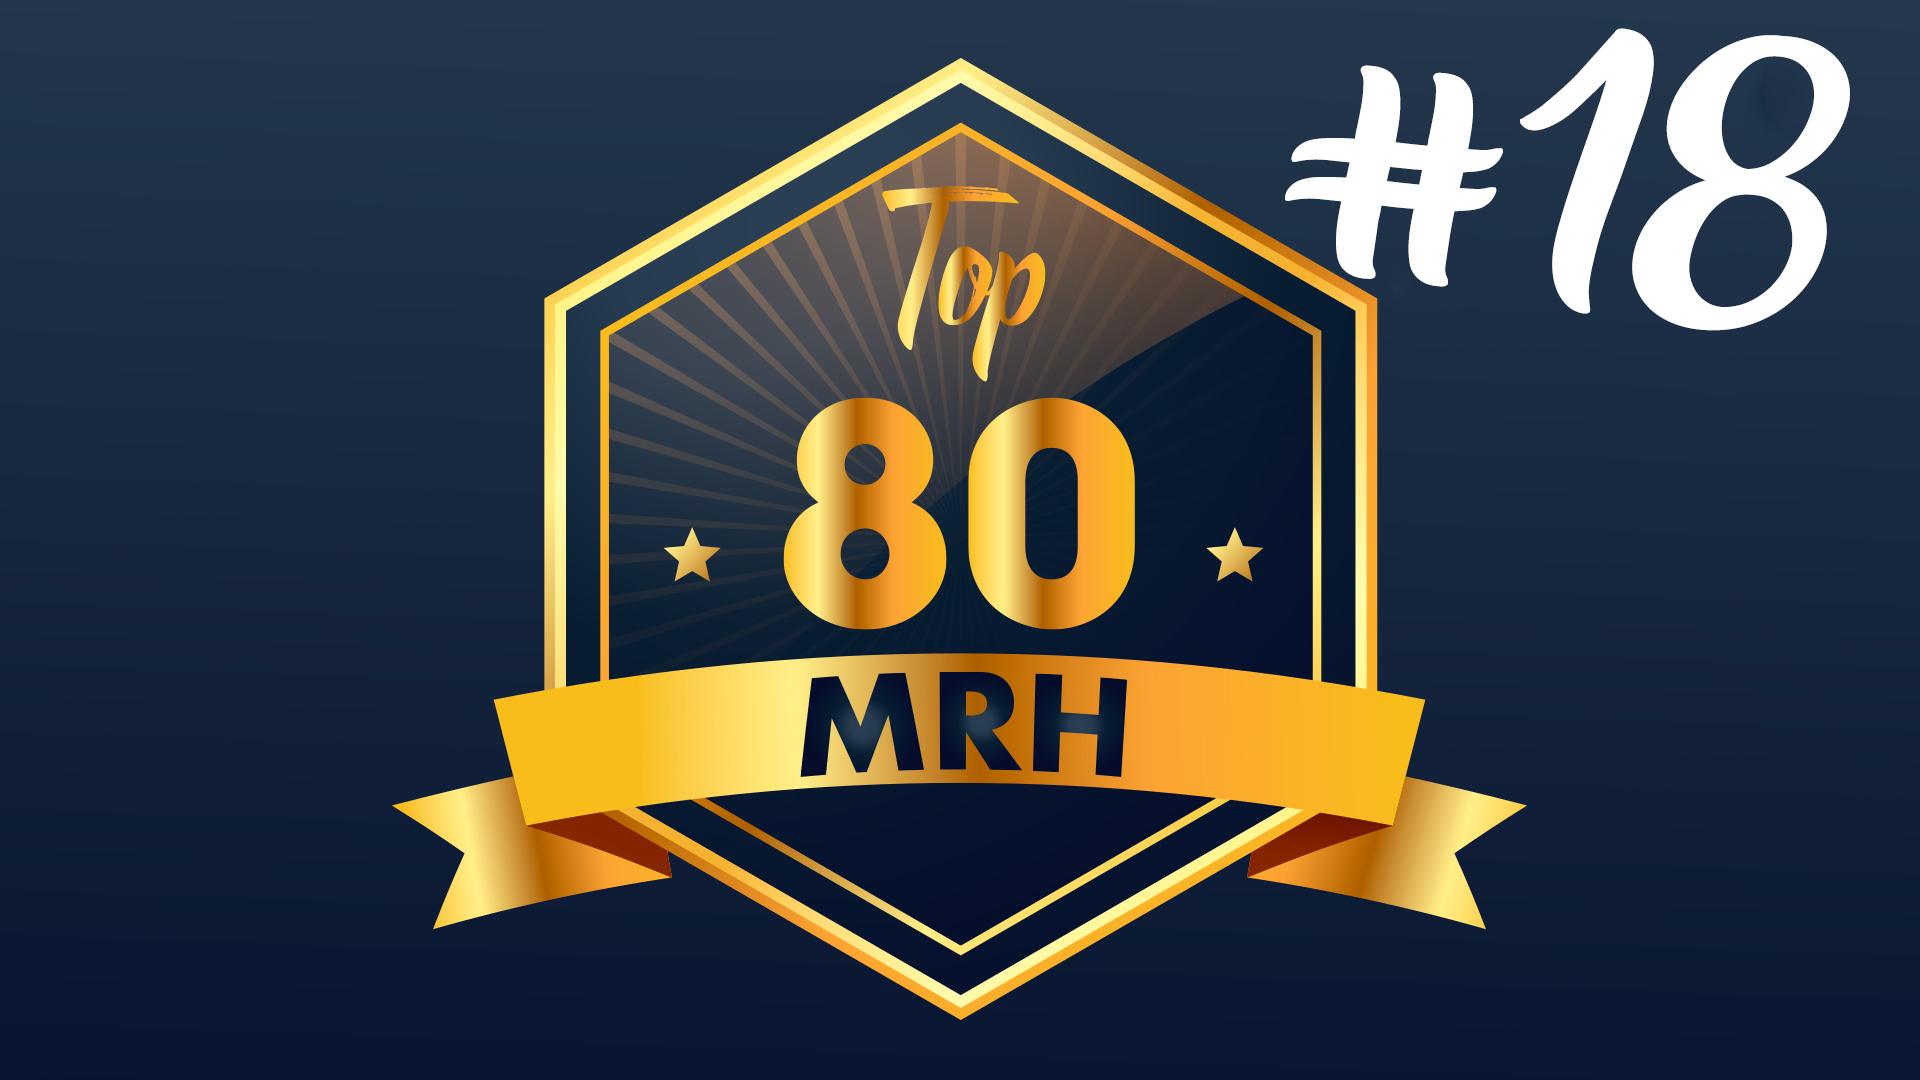 Top 80 MRH - Qui fera partie du 18e classement Top MRH